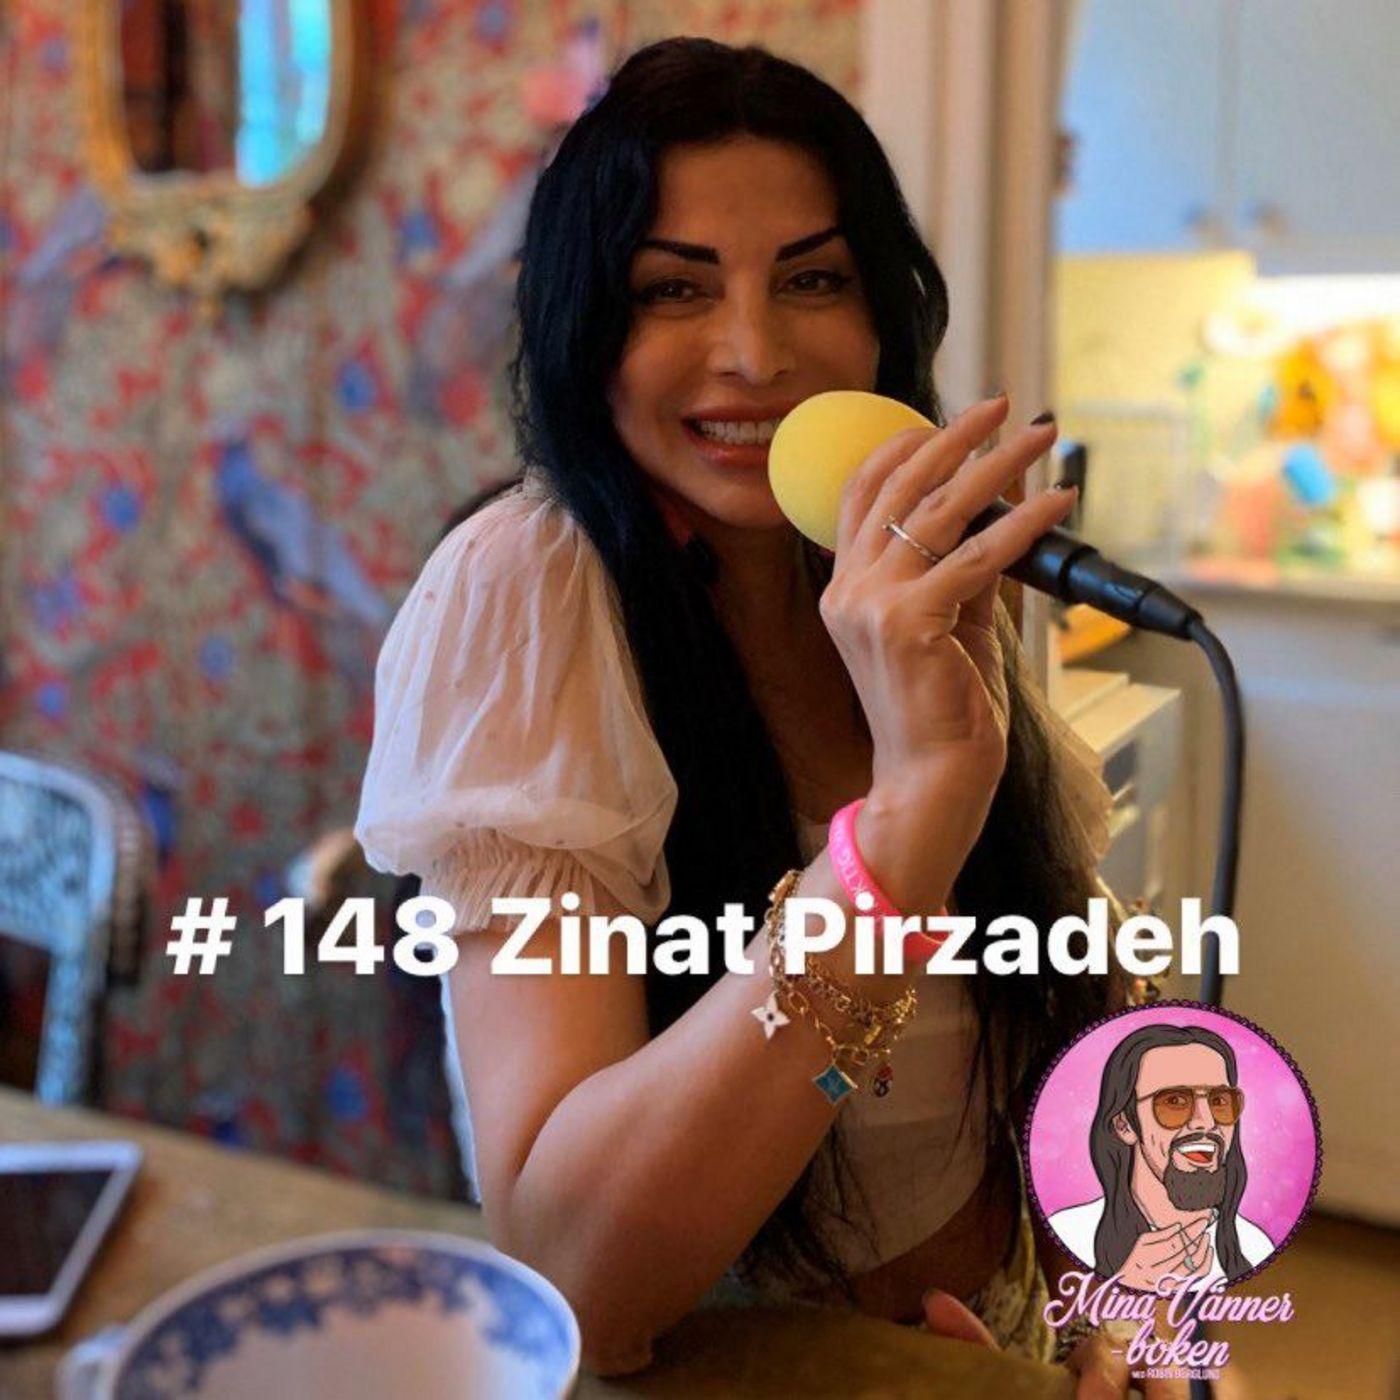 MVB #148 Zinat Pirzadeh